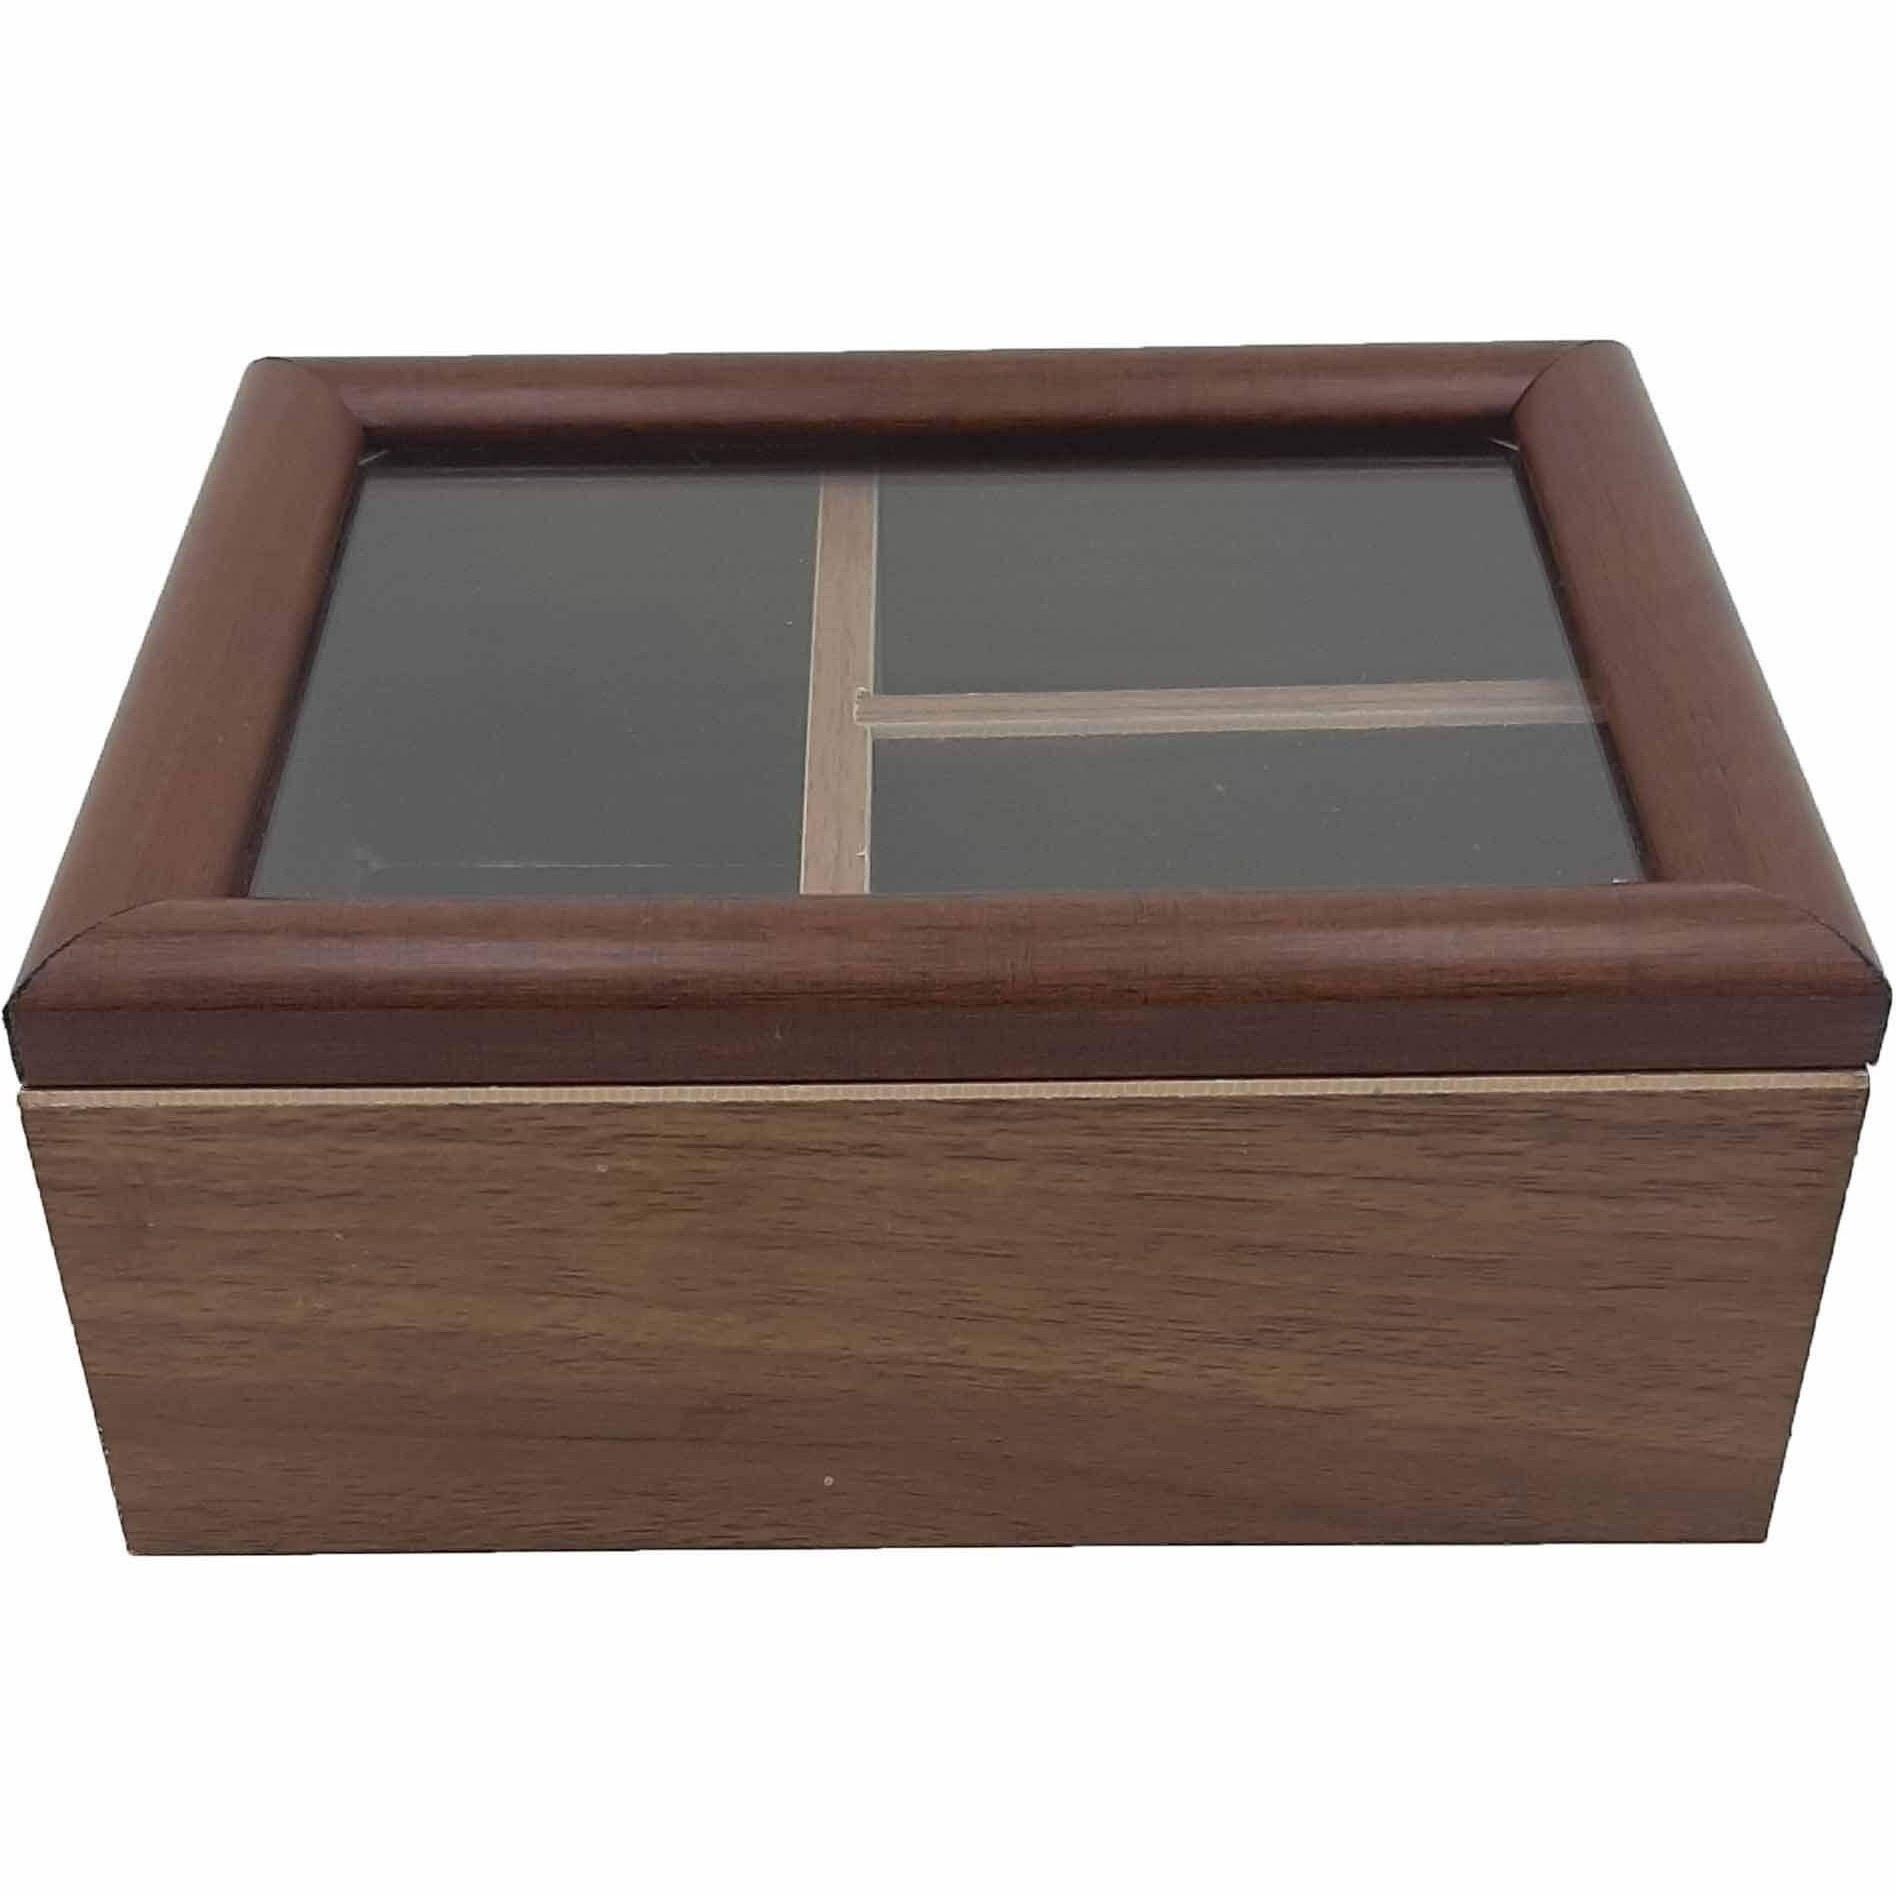 تصویر جعبه تی بگ چوبی سه خانه رایکا